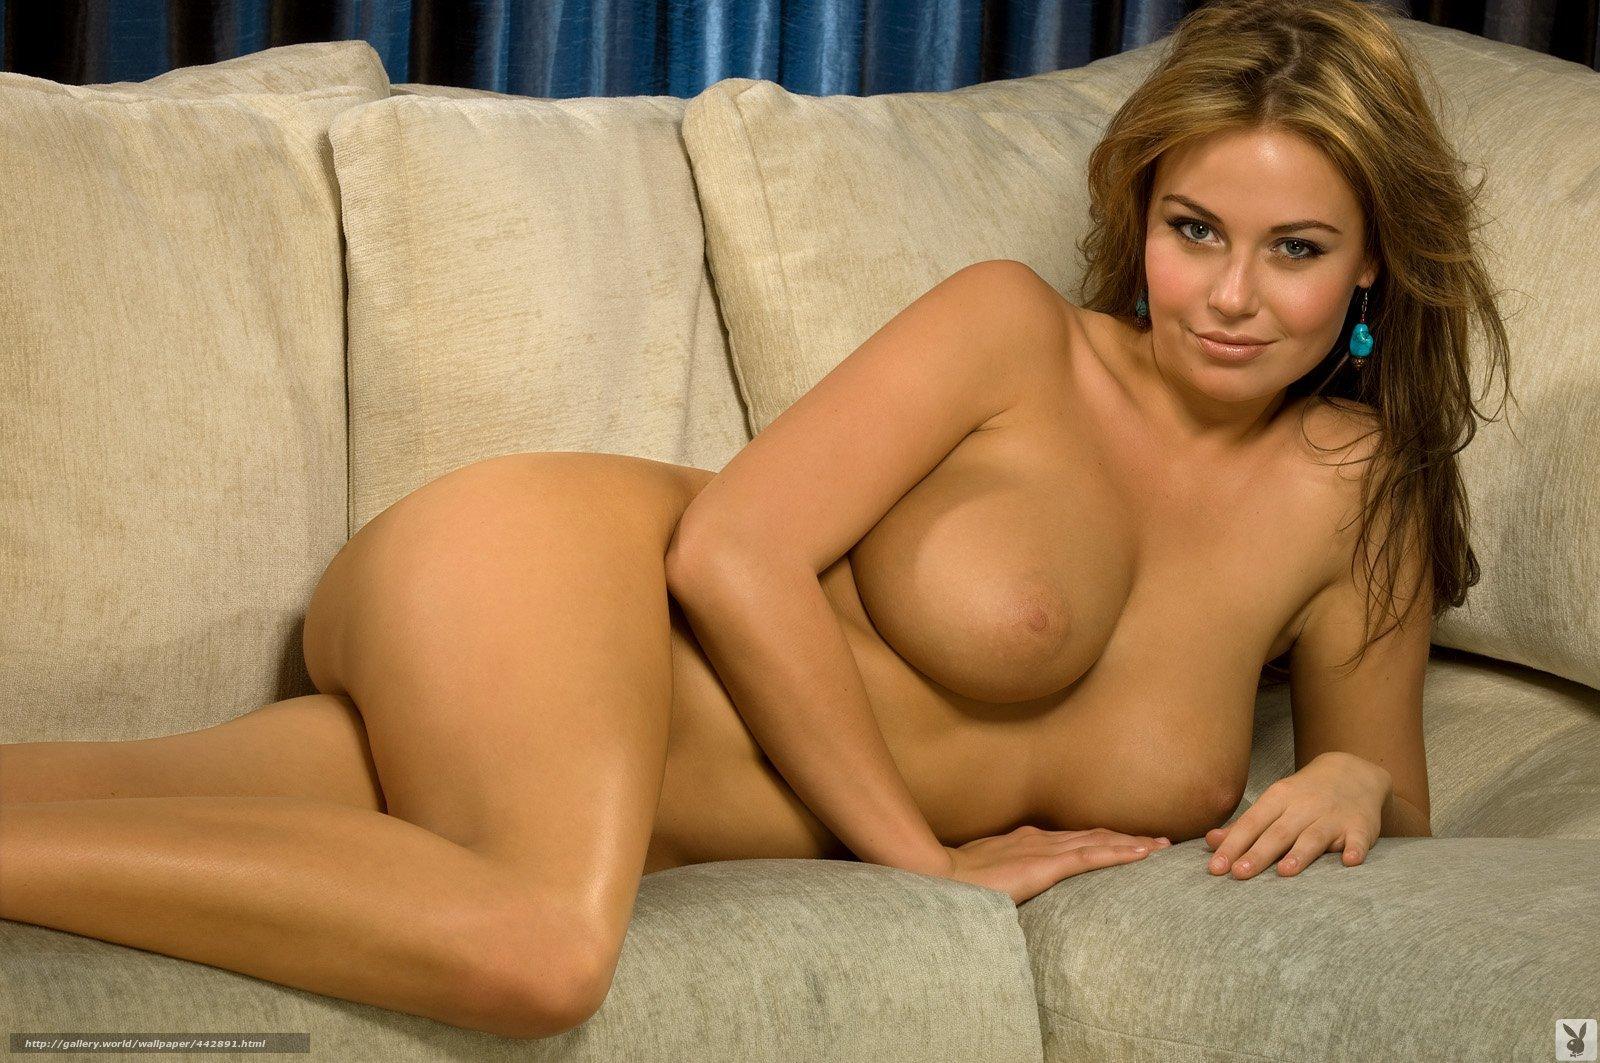 Самые большие женщины мира голые 20 фотография